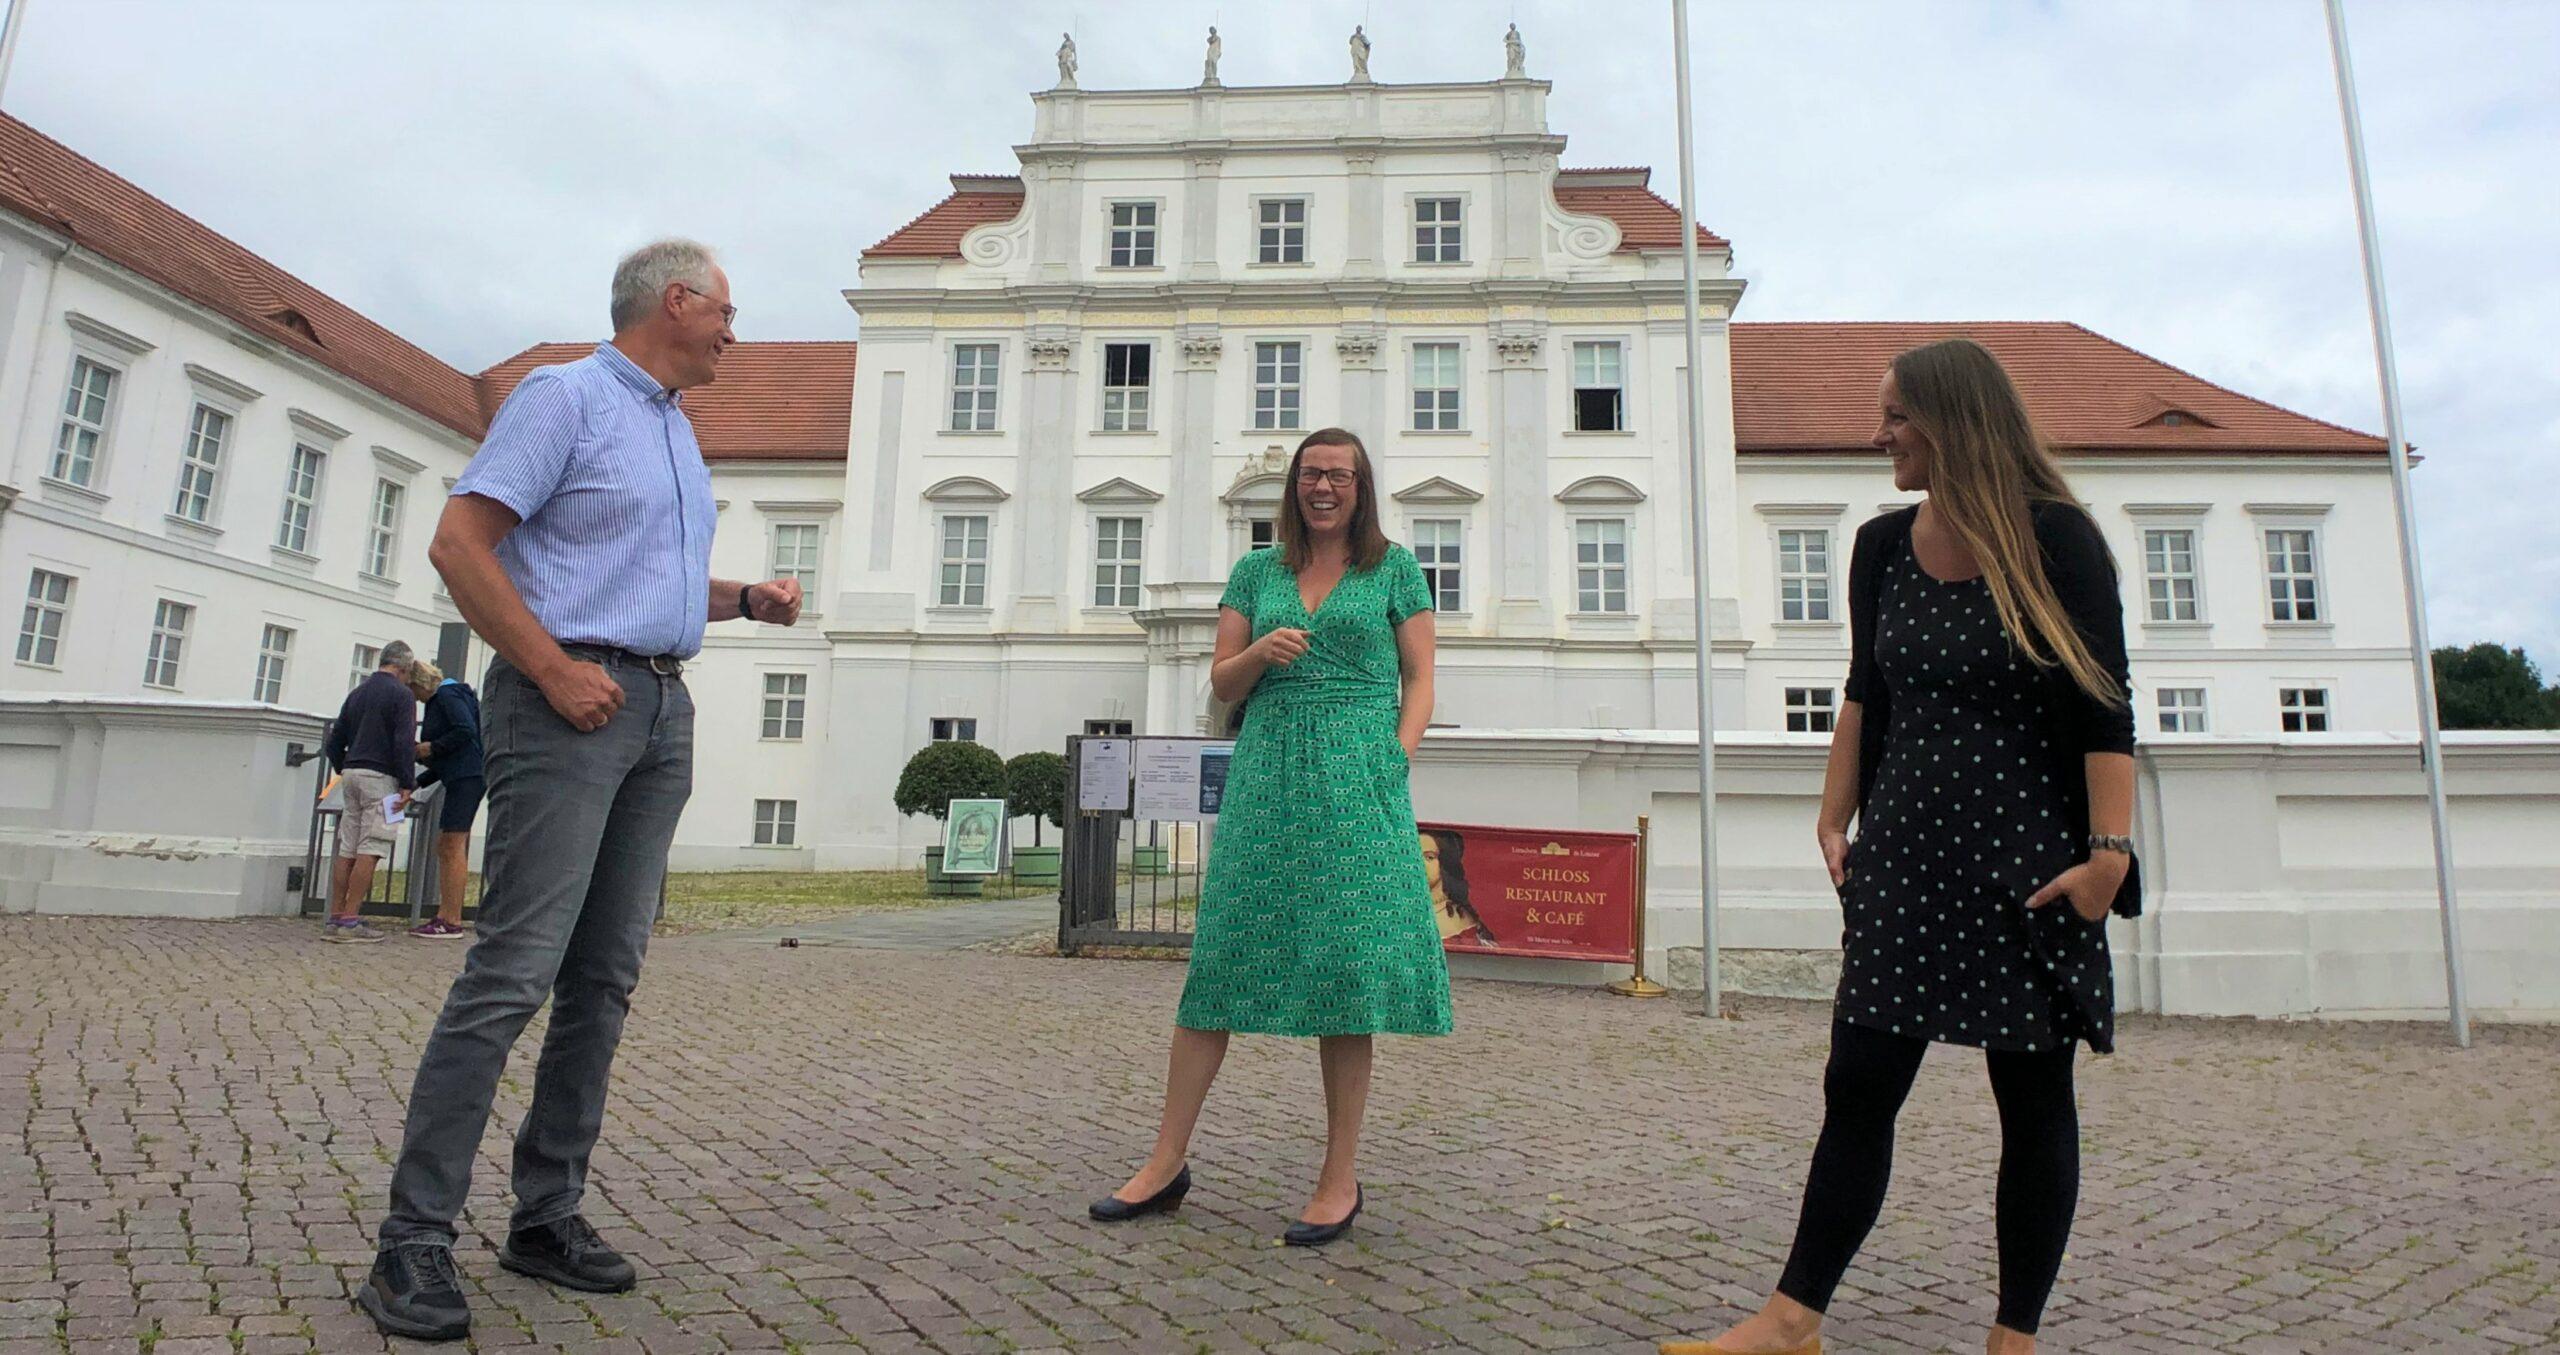 Gerechtigkeit für alle Geschlechter: Im Gespräch mit Christiane Bonk